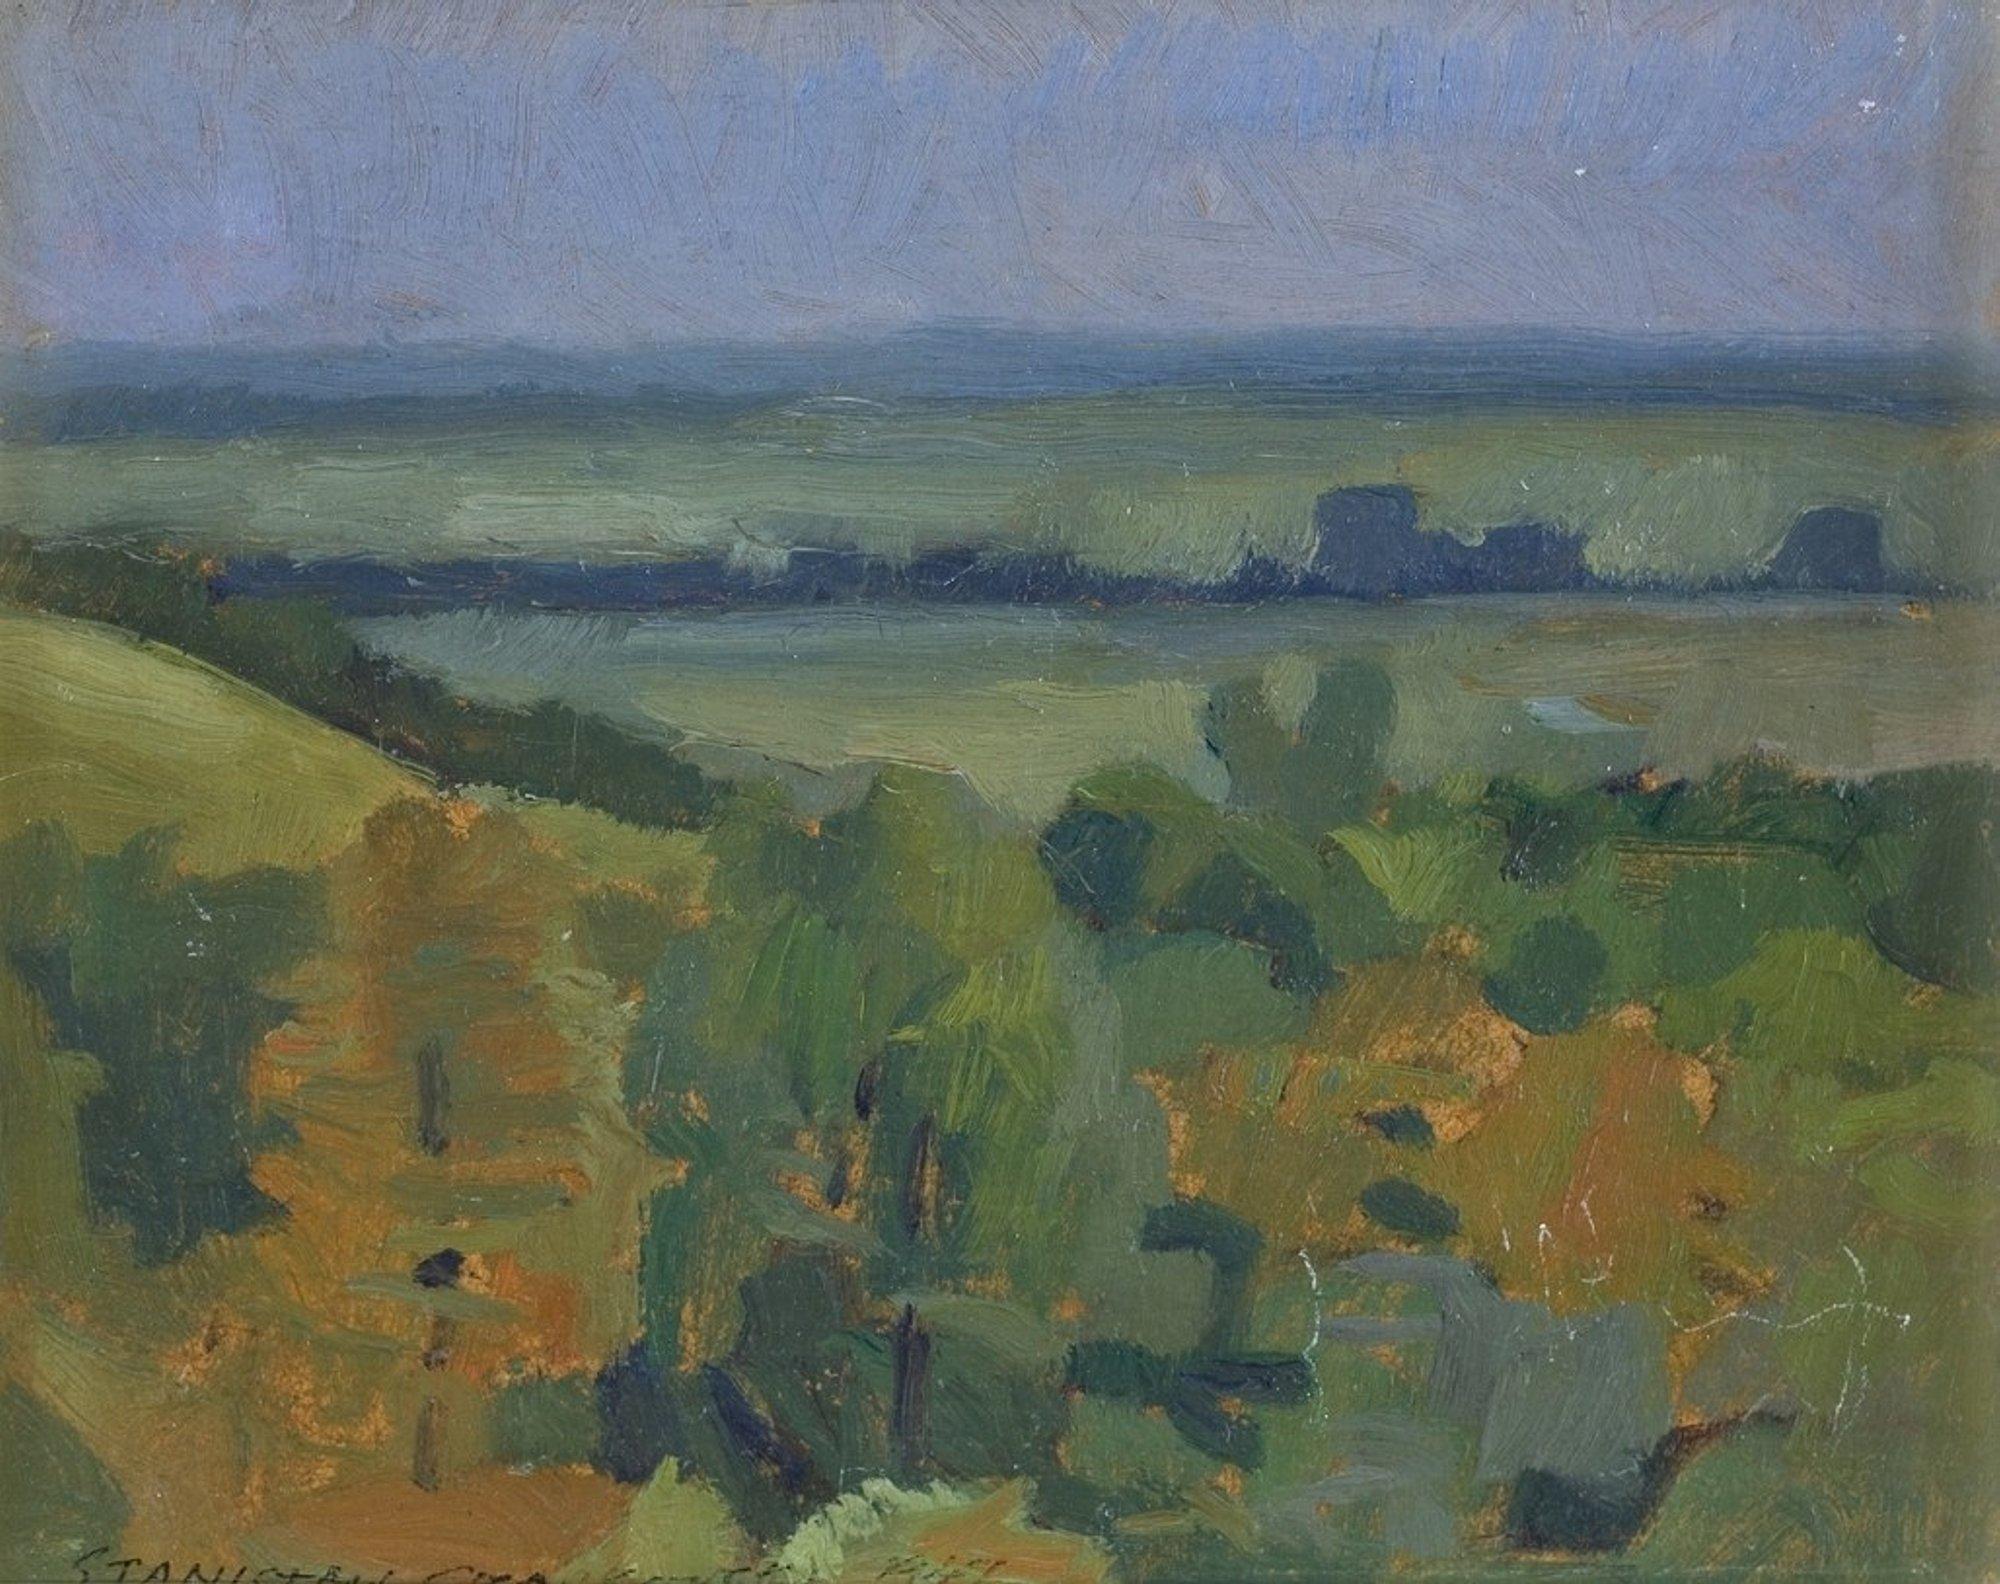 Z Ziemi Lubelski I, 1947